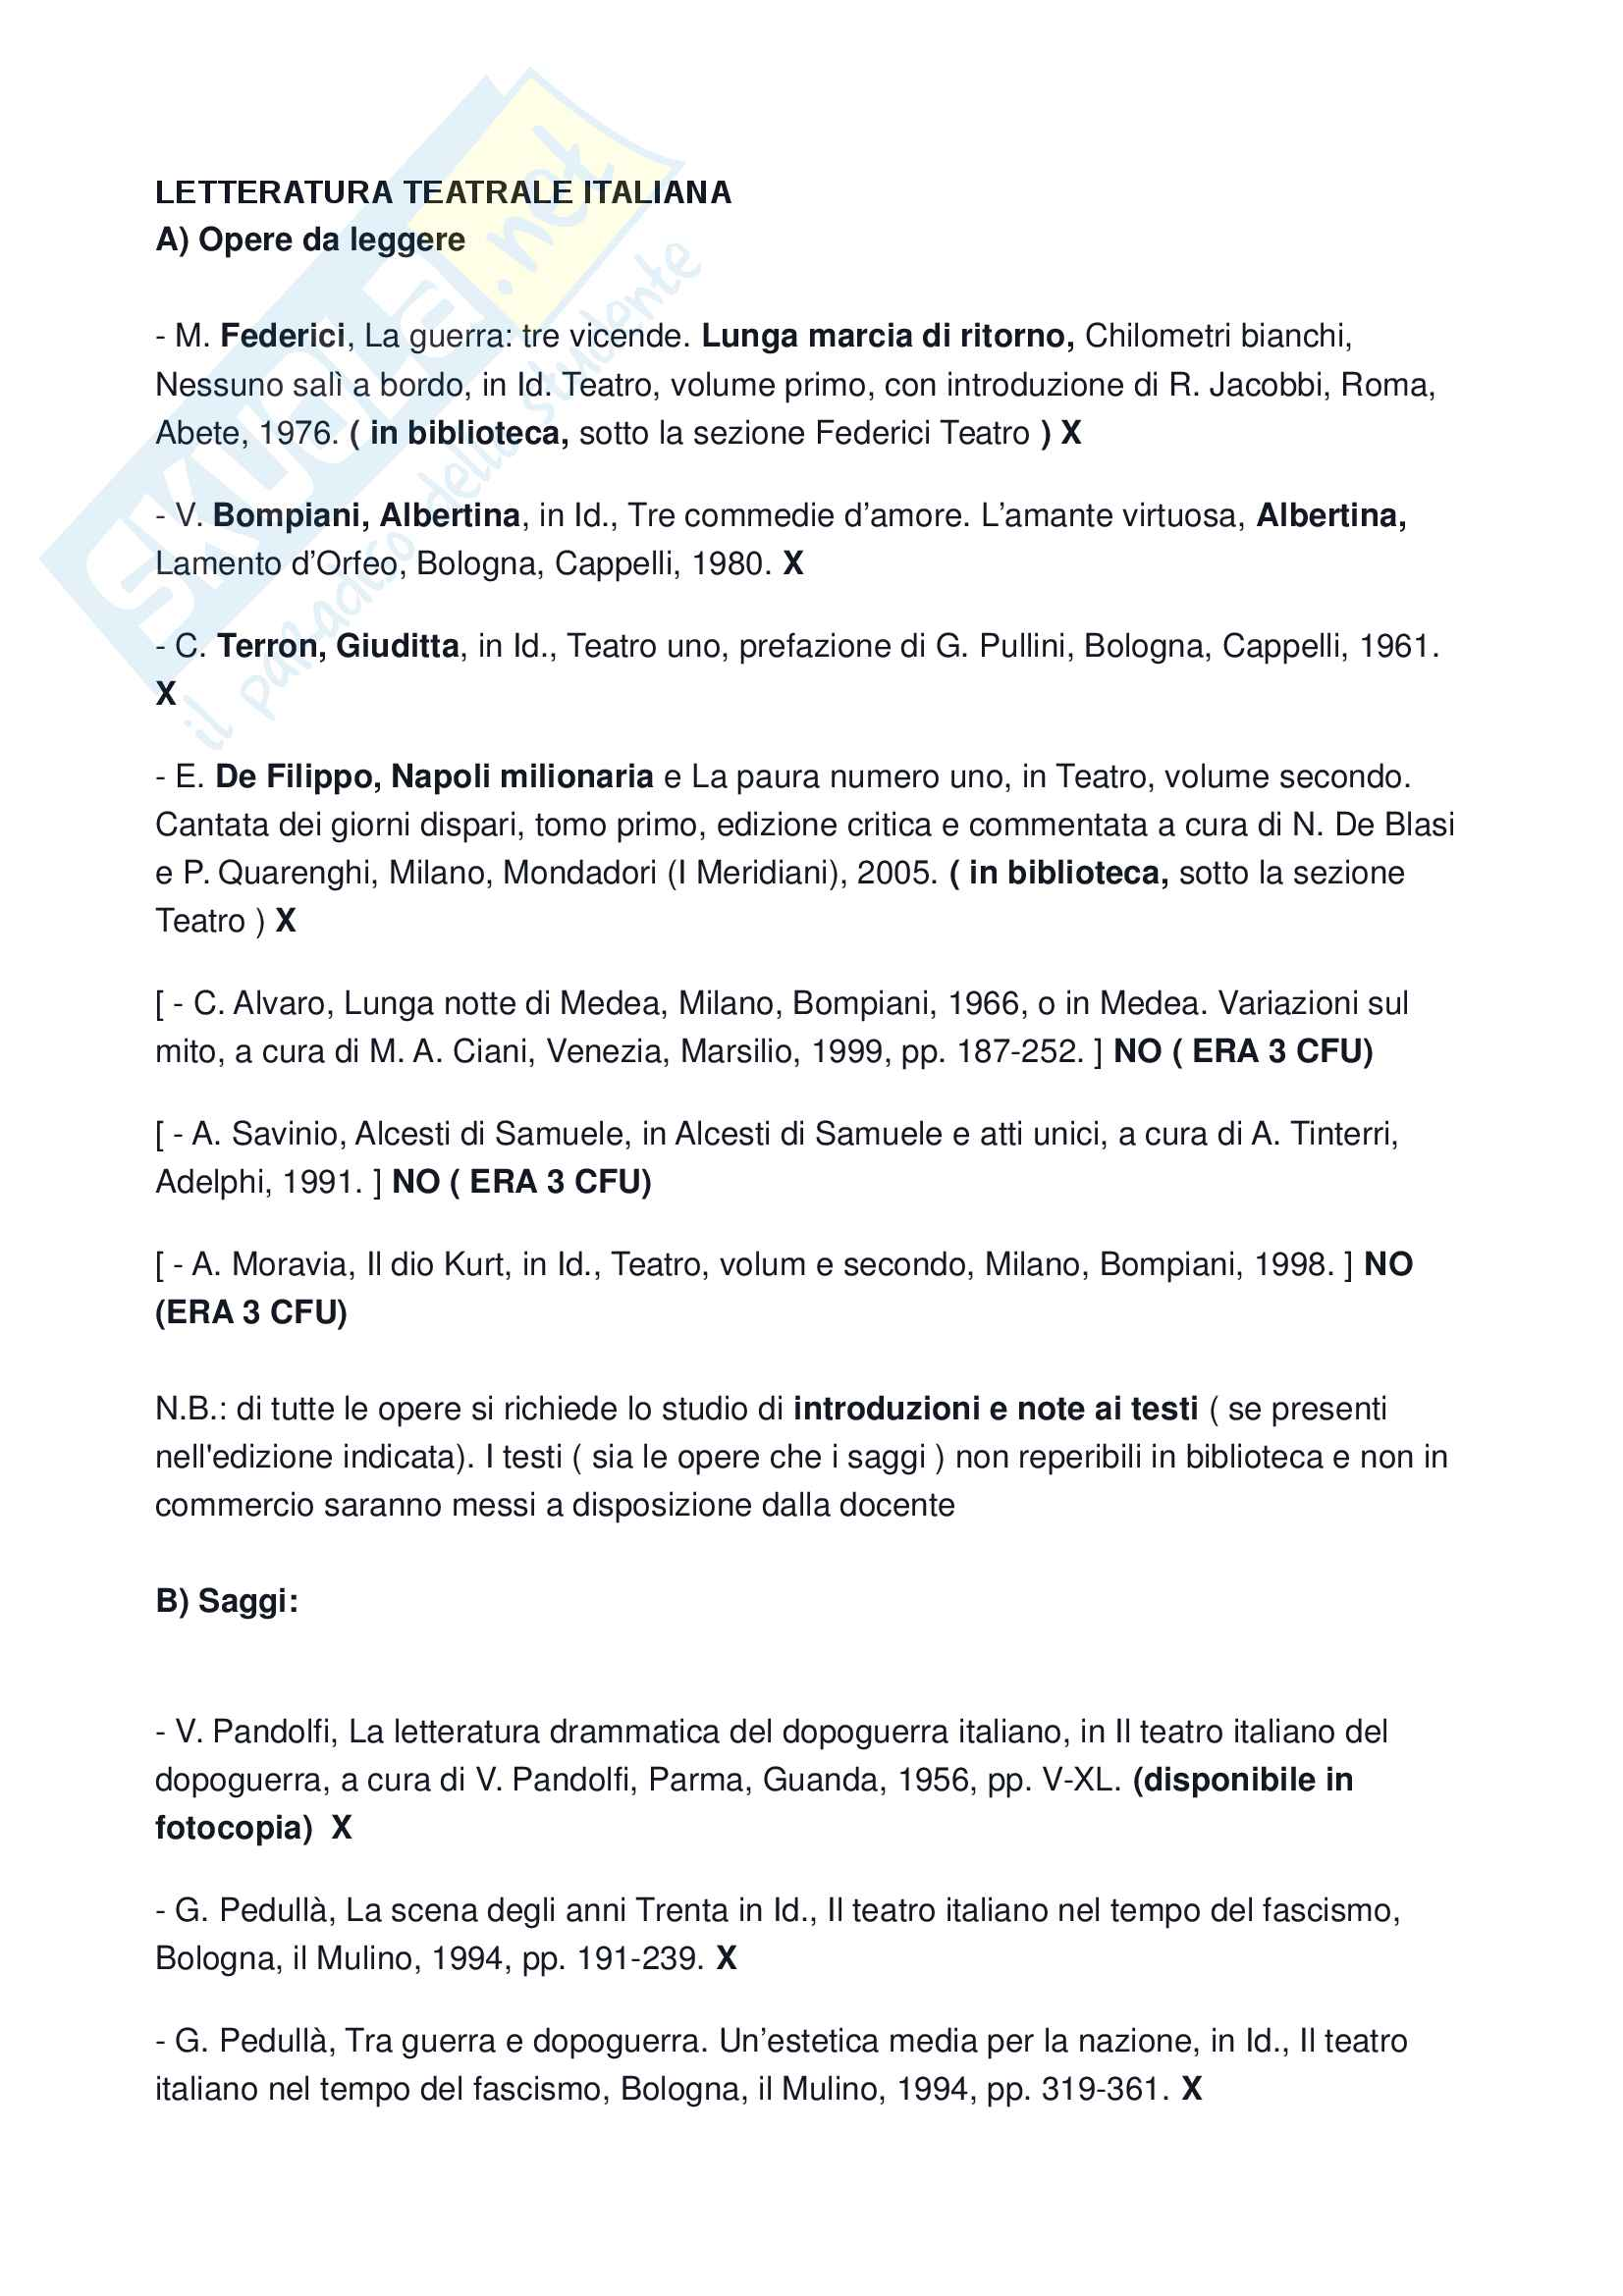 Appunti Letteratura Teatrale italiana